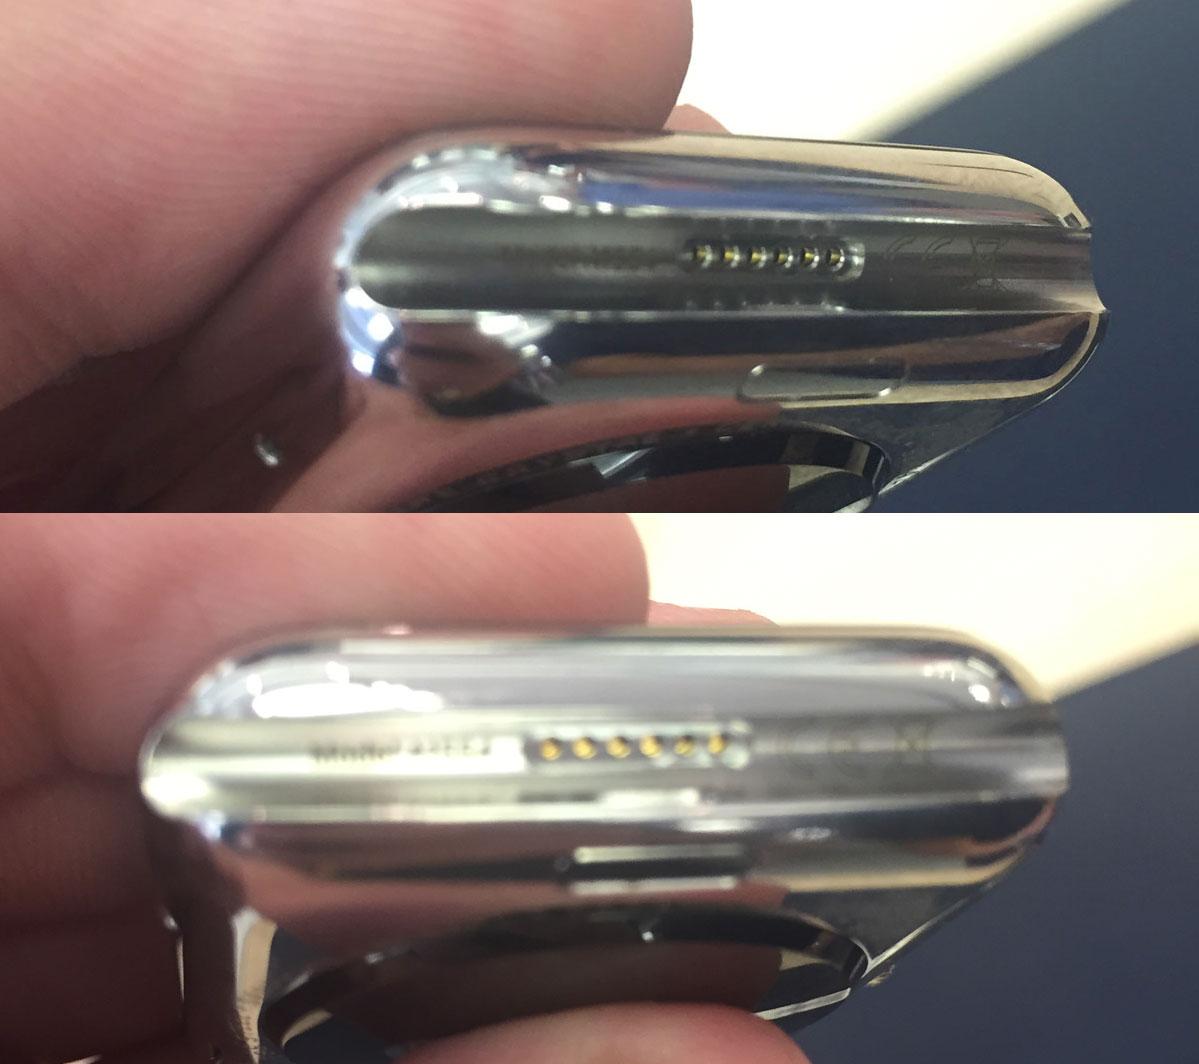 Apple Watch port diagnostic